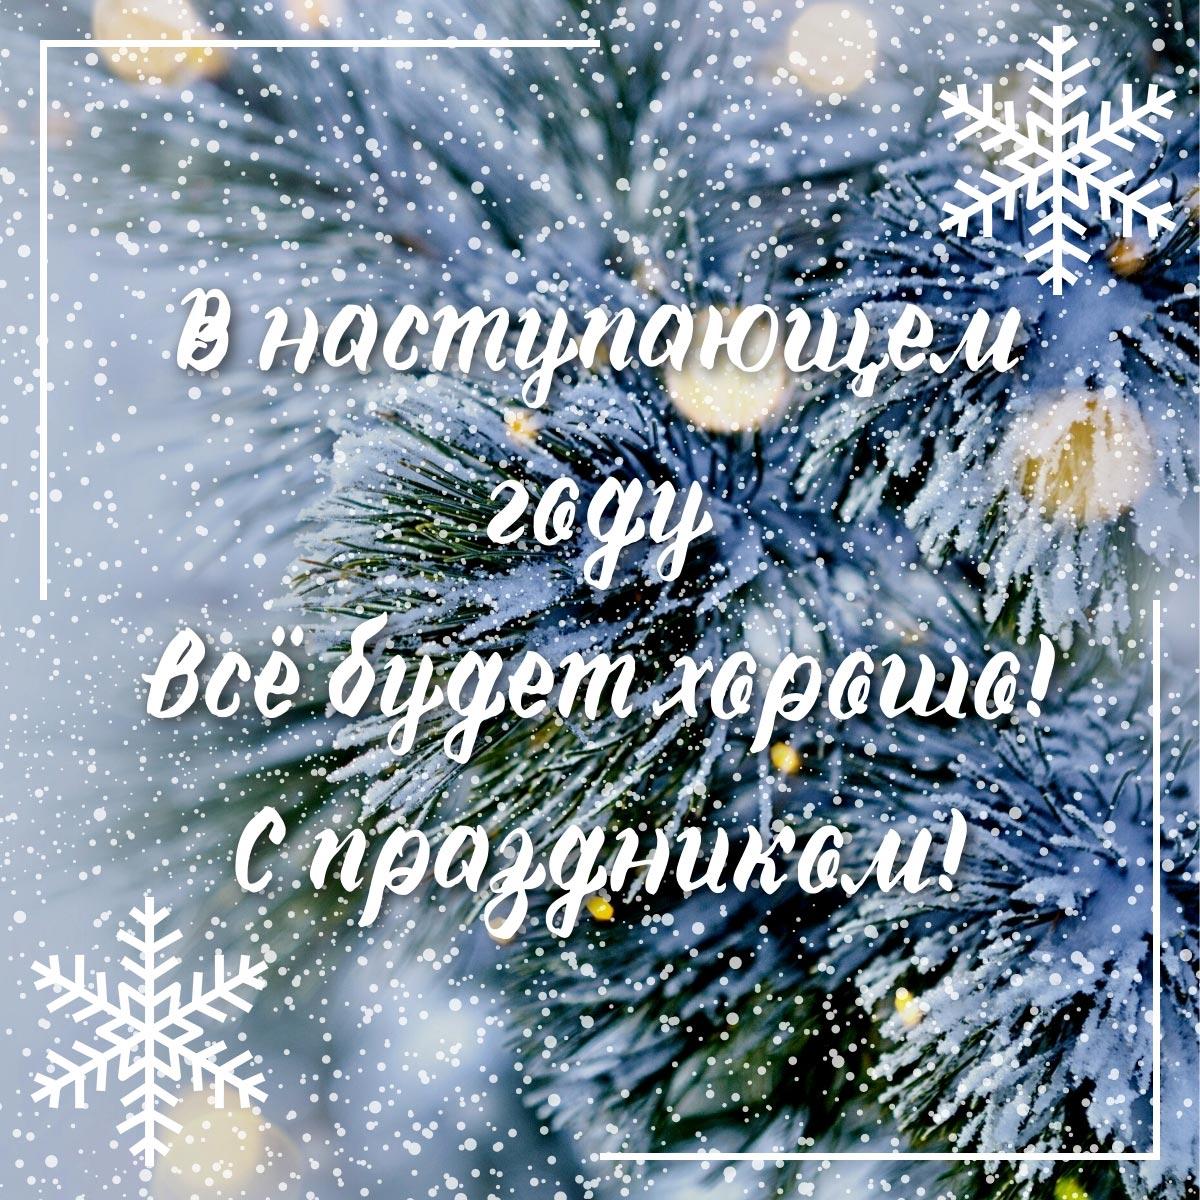 Картинка с короткими поздравлениями с новым годом в прозе каллиграфическим шрифтом на фоне заснеженных ветвей ёлки.